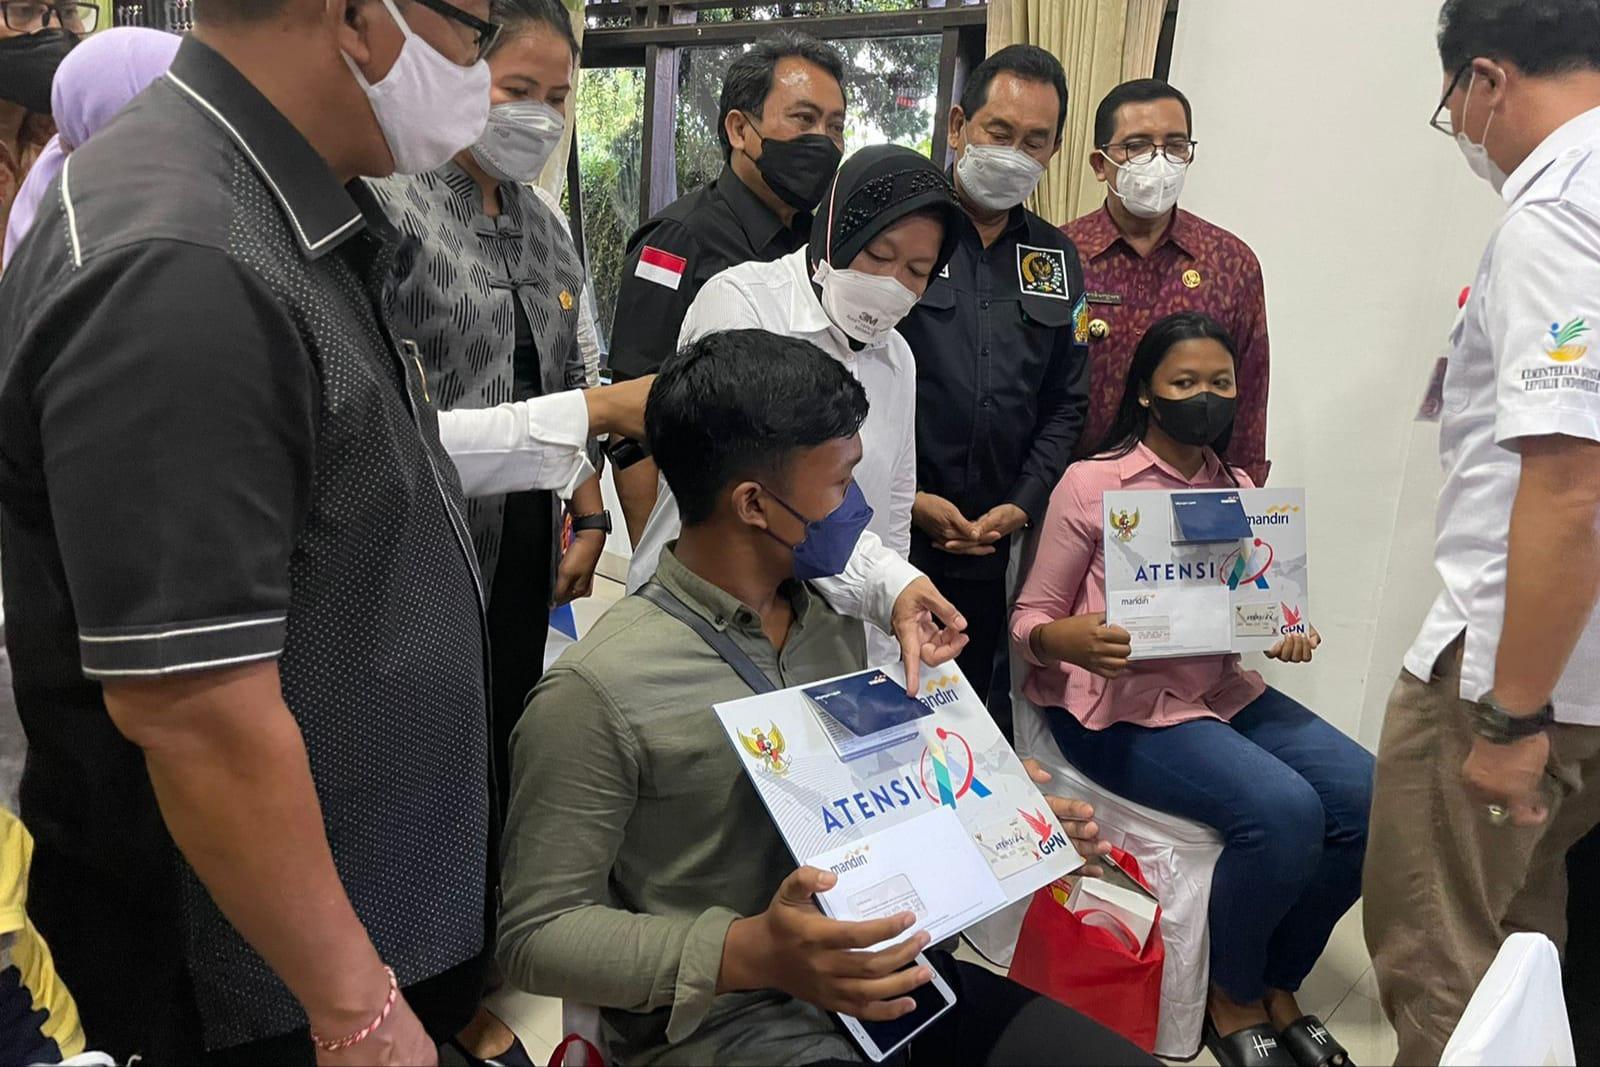 Jangkau 1600-an Penerima Manfaat, Mensos Salurkan Bantuan Senilai Lebih 1 Miliar untuk Warga Bali